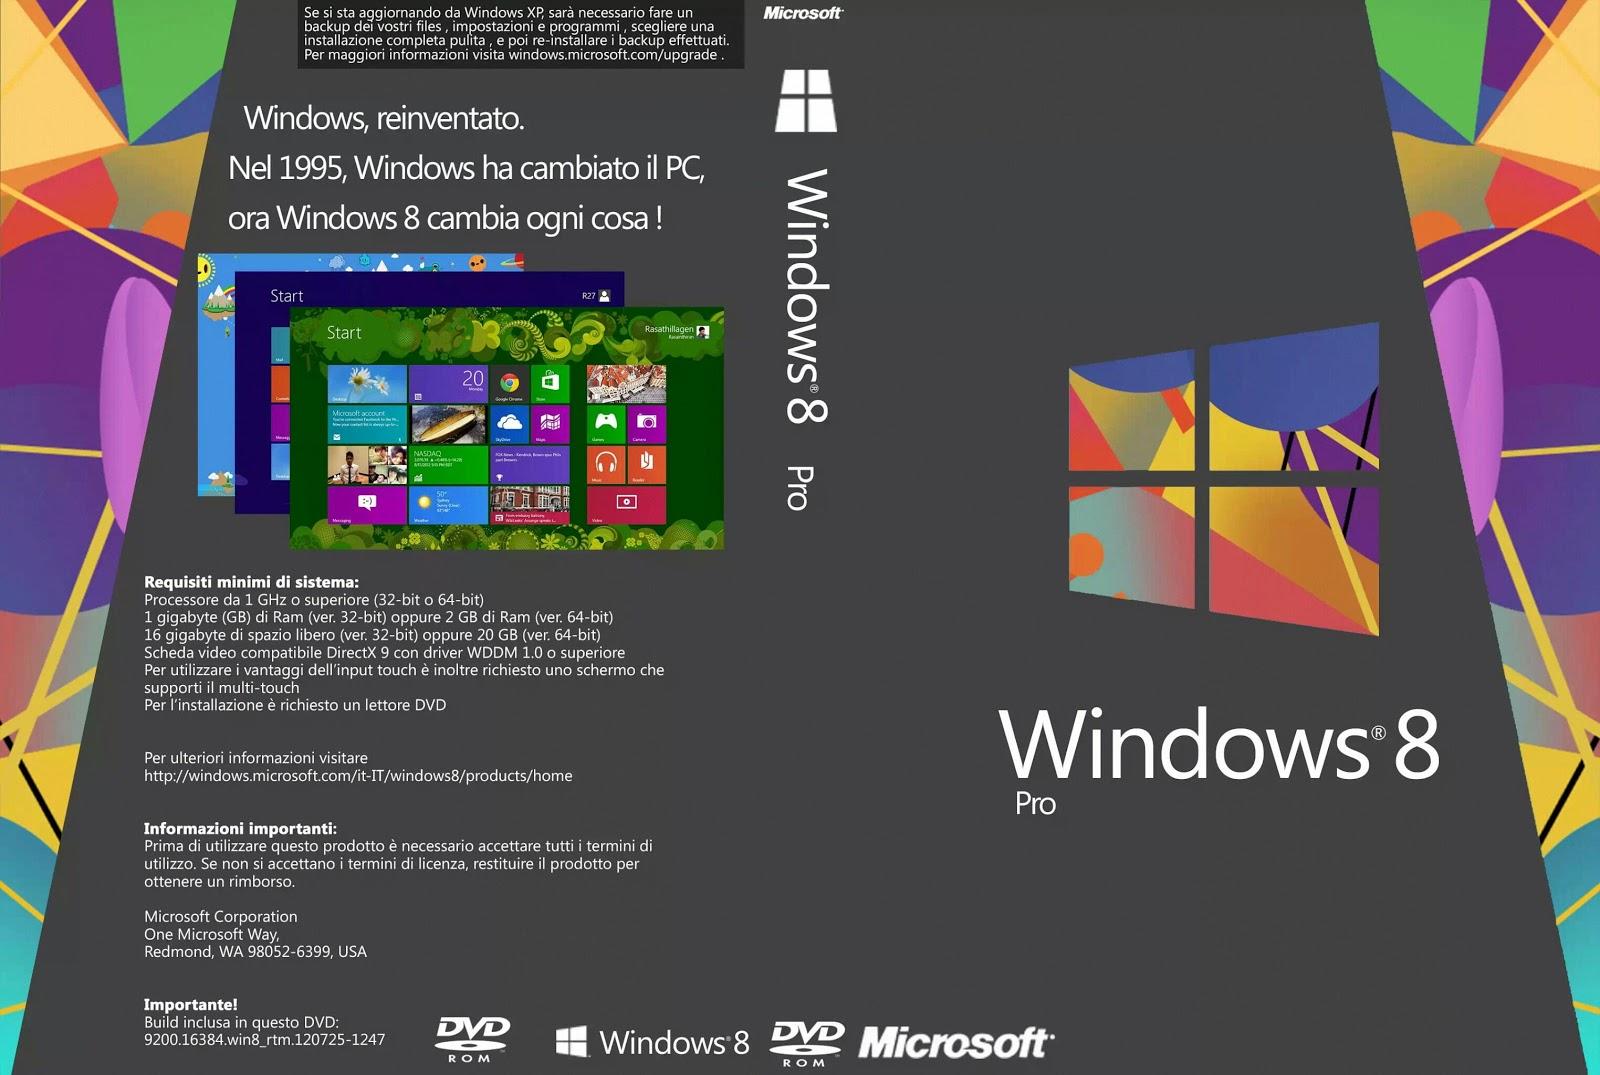 скачать бесплатно windows 8.1 64 торрент